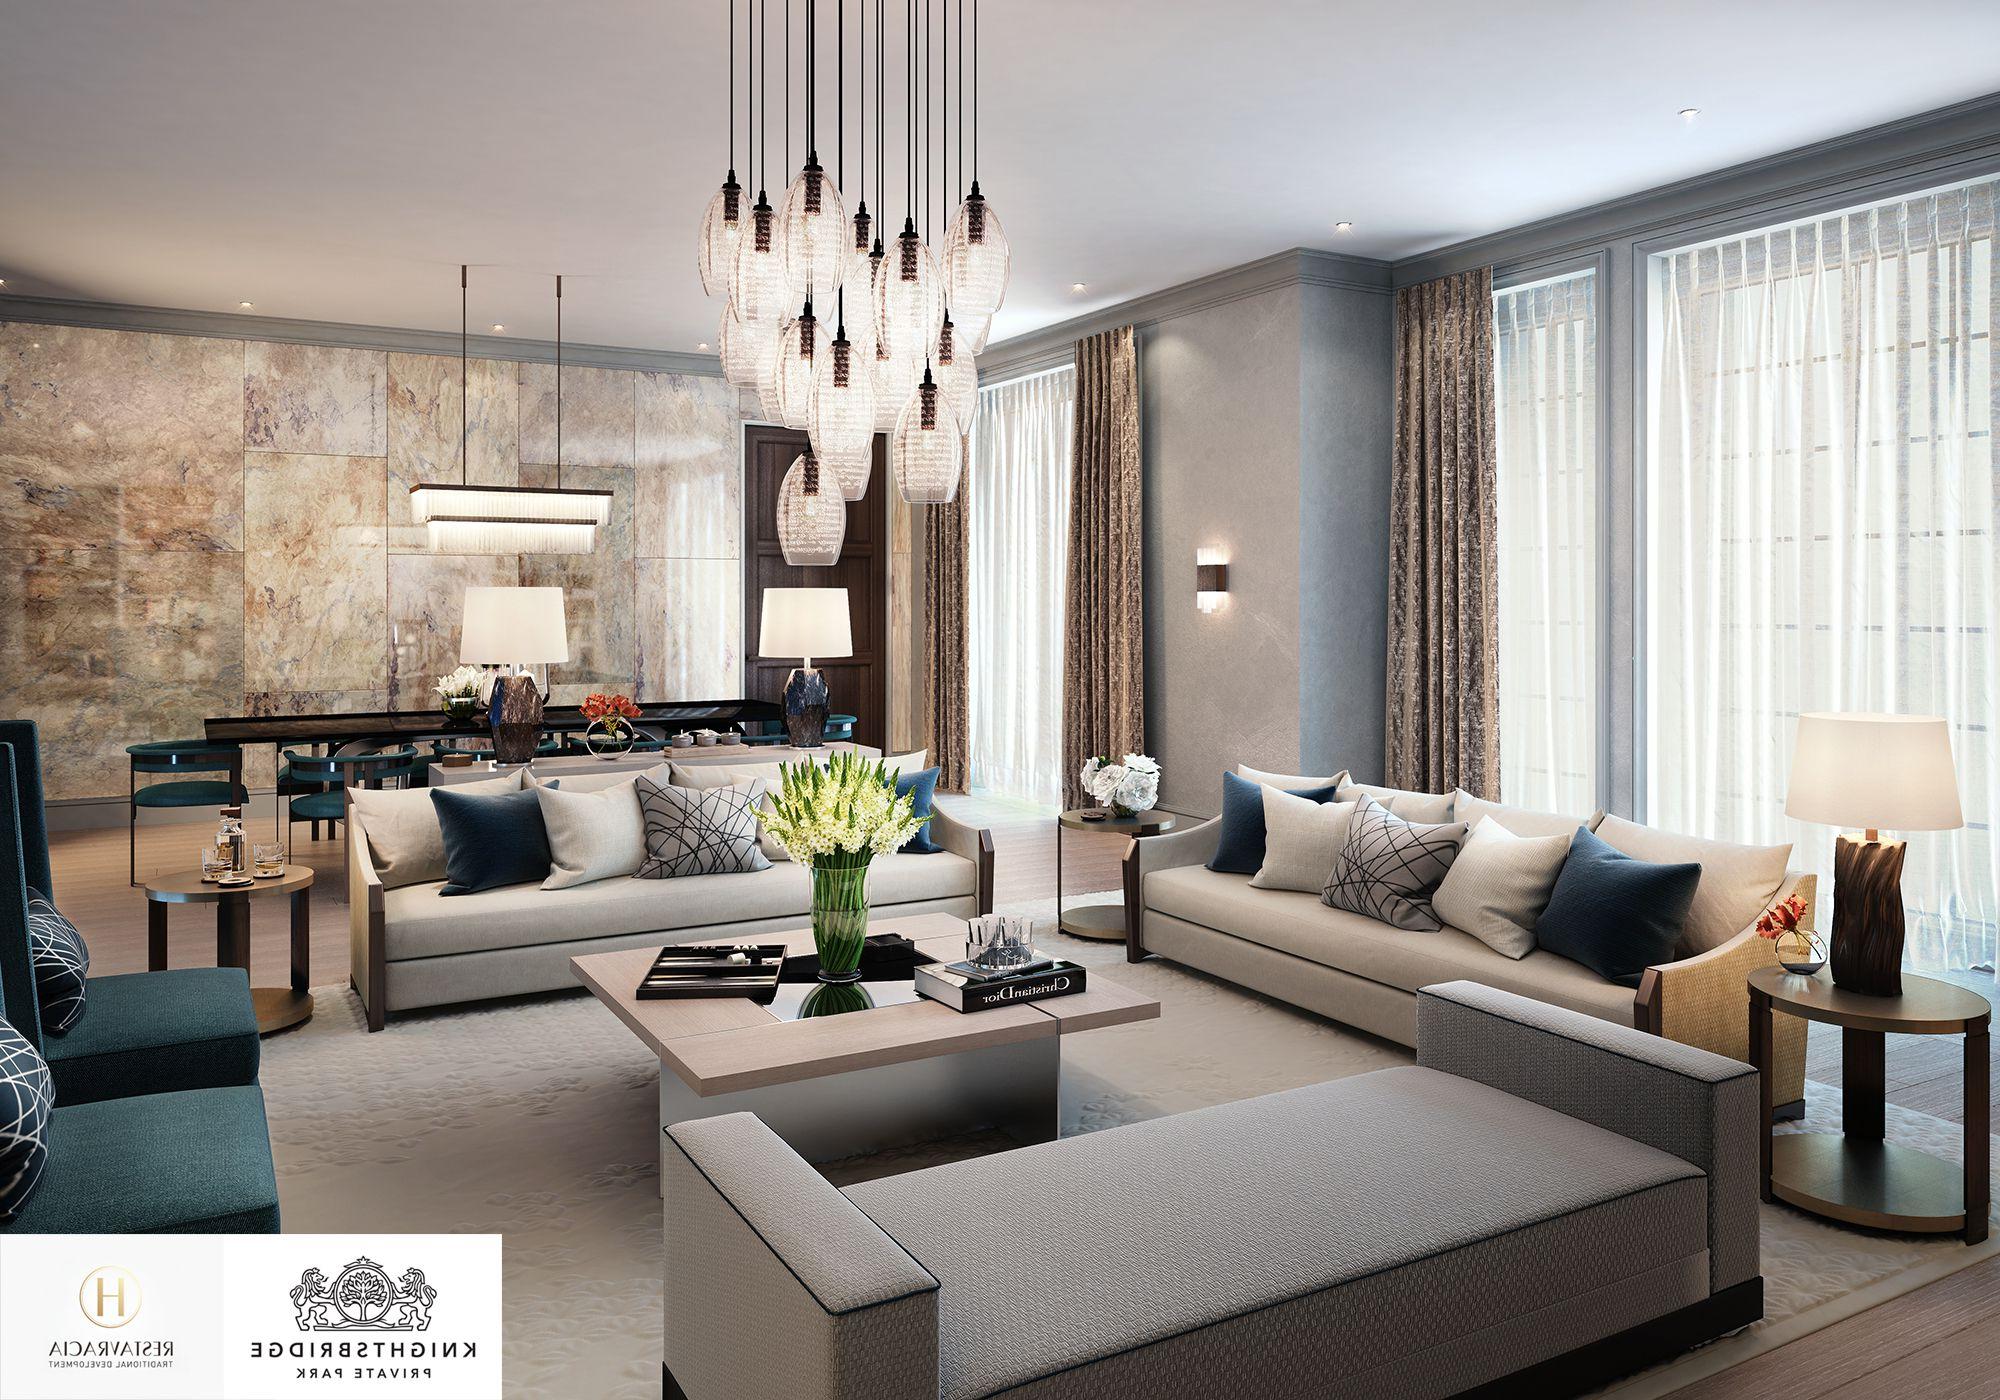 Interior Design Focus Knightsbridge Private Park Moscow